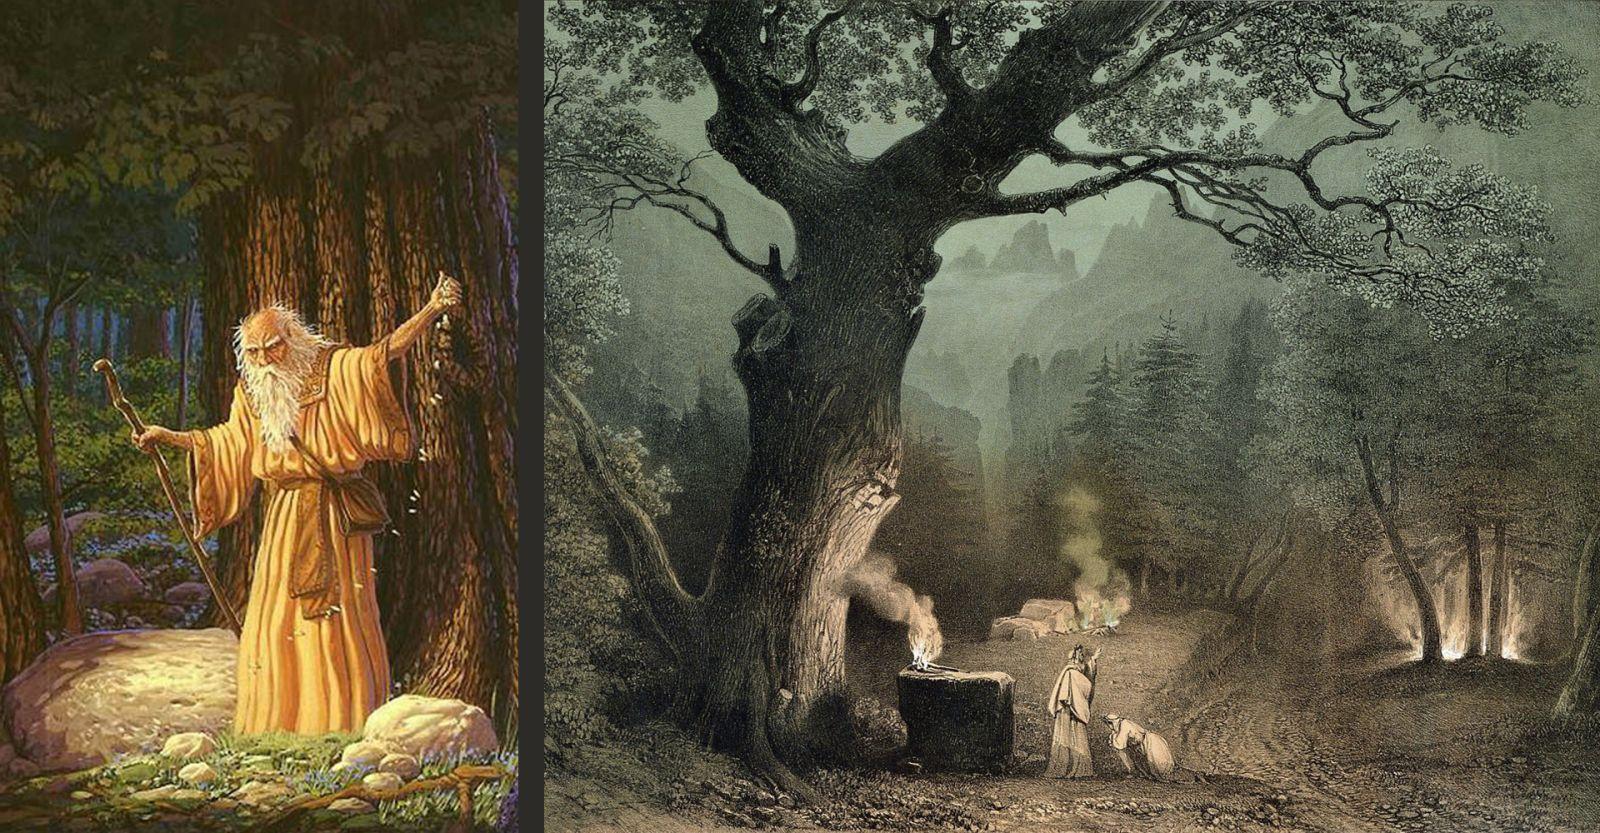 Друиды считались самой уважаемой группой людей в кельтском обществе